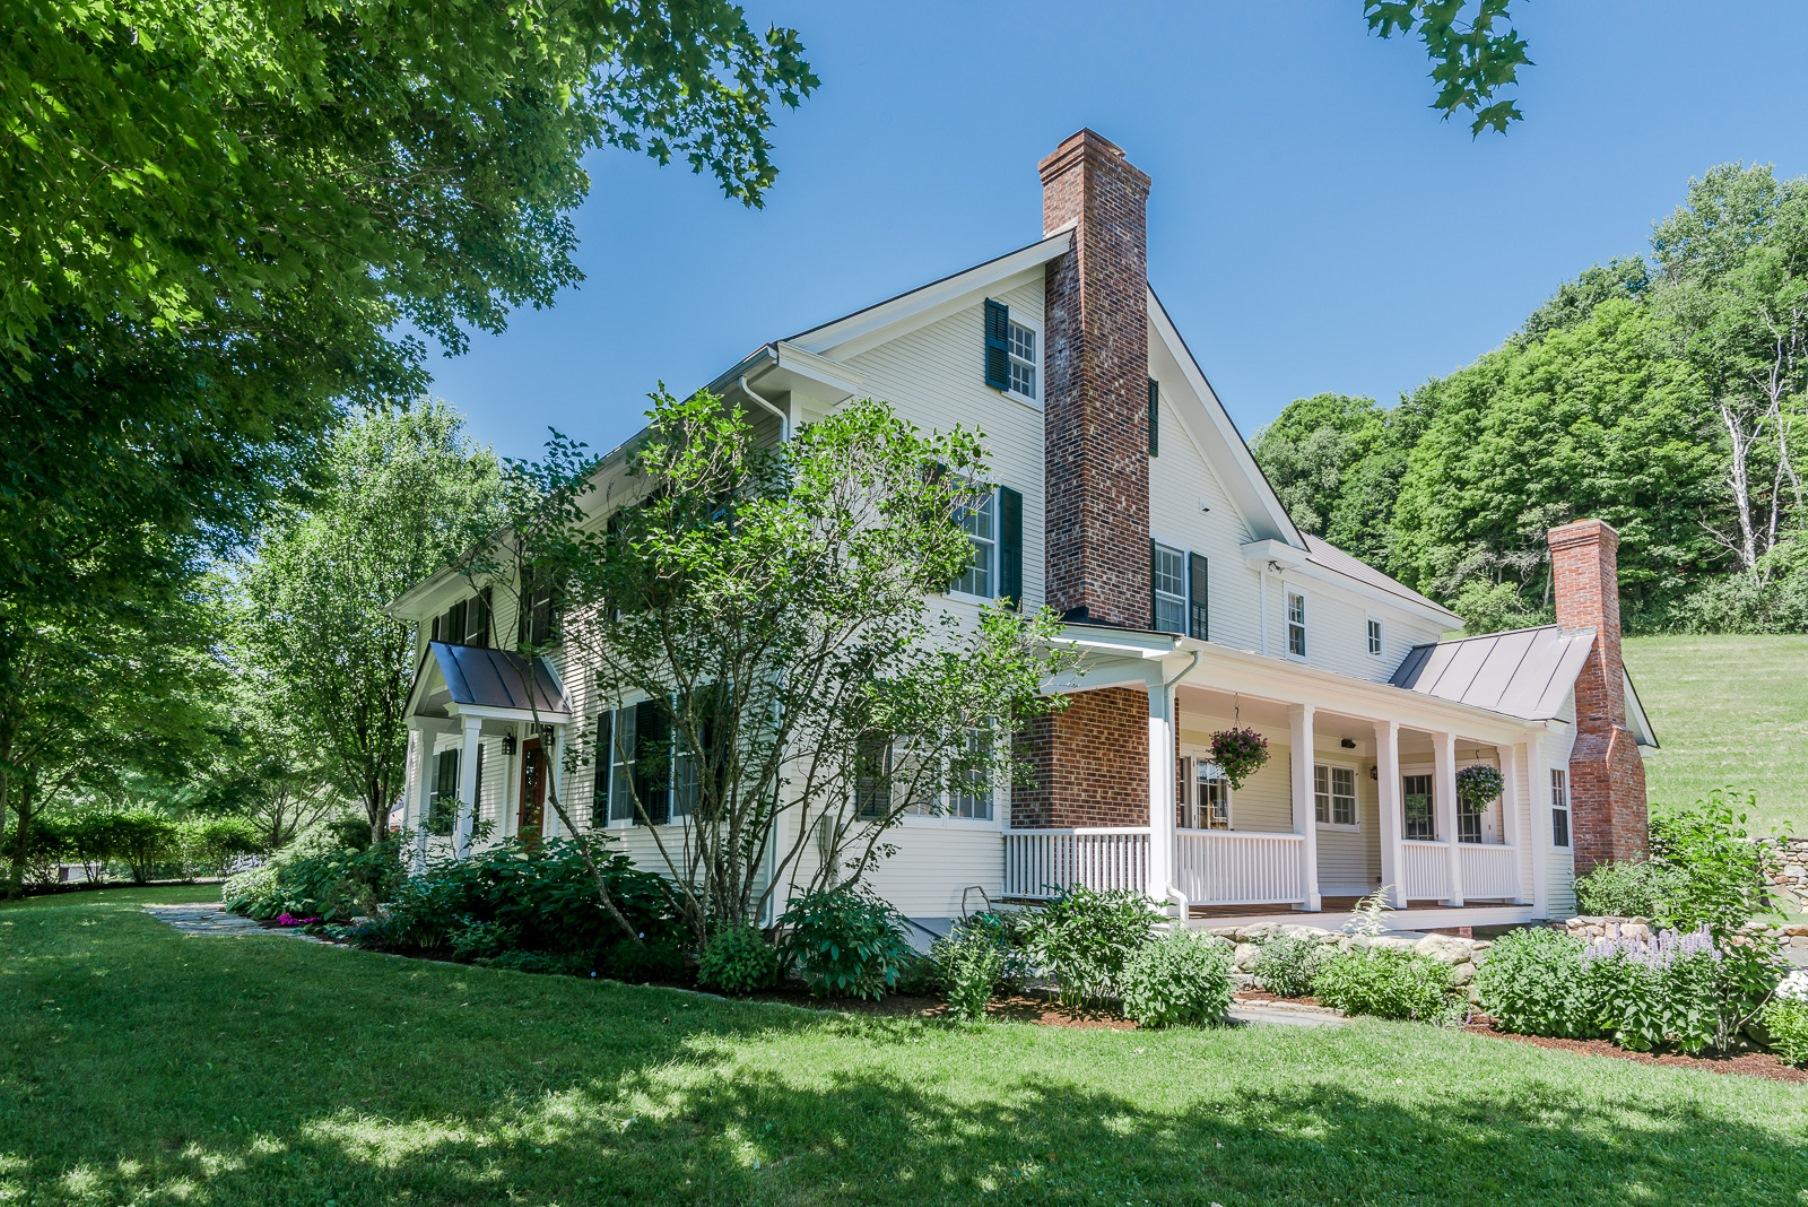 獨棟家庭住宅 為 出售 在 1285 Union Village Rd, Norwich Norwich, 佛蒙特州, 05055 美國